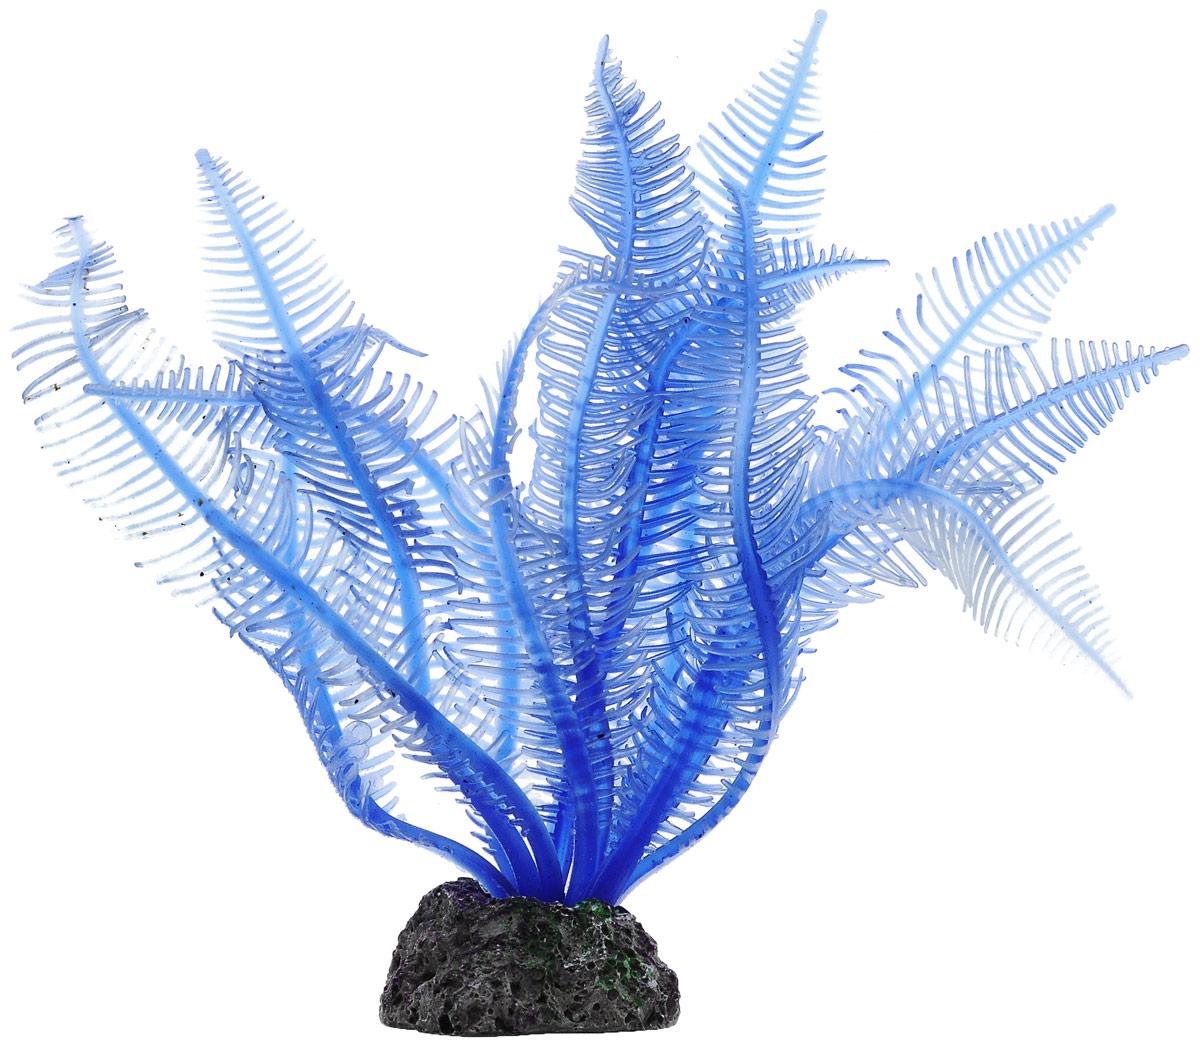 Декорация для аквариума Barbus Коралл, силиконовая, цвет: синий, серый, высота 11 см0120710Декорация для аквариума Barbus Коралл, выполненная из высококачественного силикона и пластика, станет прекрасным украшением вашего аквариума. Изделие отличается реалистичным исполнением с множеством мелких деталей. Декорация абсолютно безопасна, нейтральна к водному балансу, устойчива к истиранию краски, подходит как для пресноводного, так и для морского аквариума. Благодаря декорациям вы сможете смоделировать потрясающий пейзаж на дне вашего аквариума или террариума.Высота декорации: 11 см.Размер основания: 3,5 х 3 см.